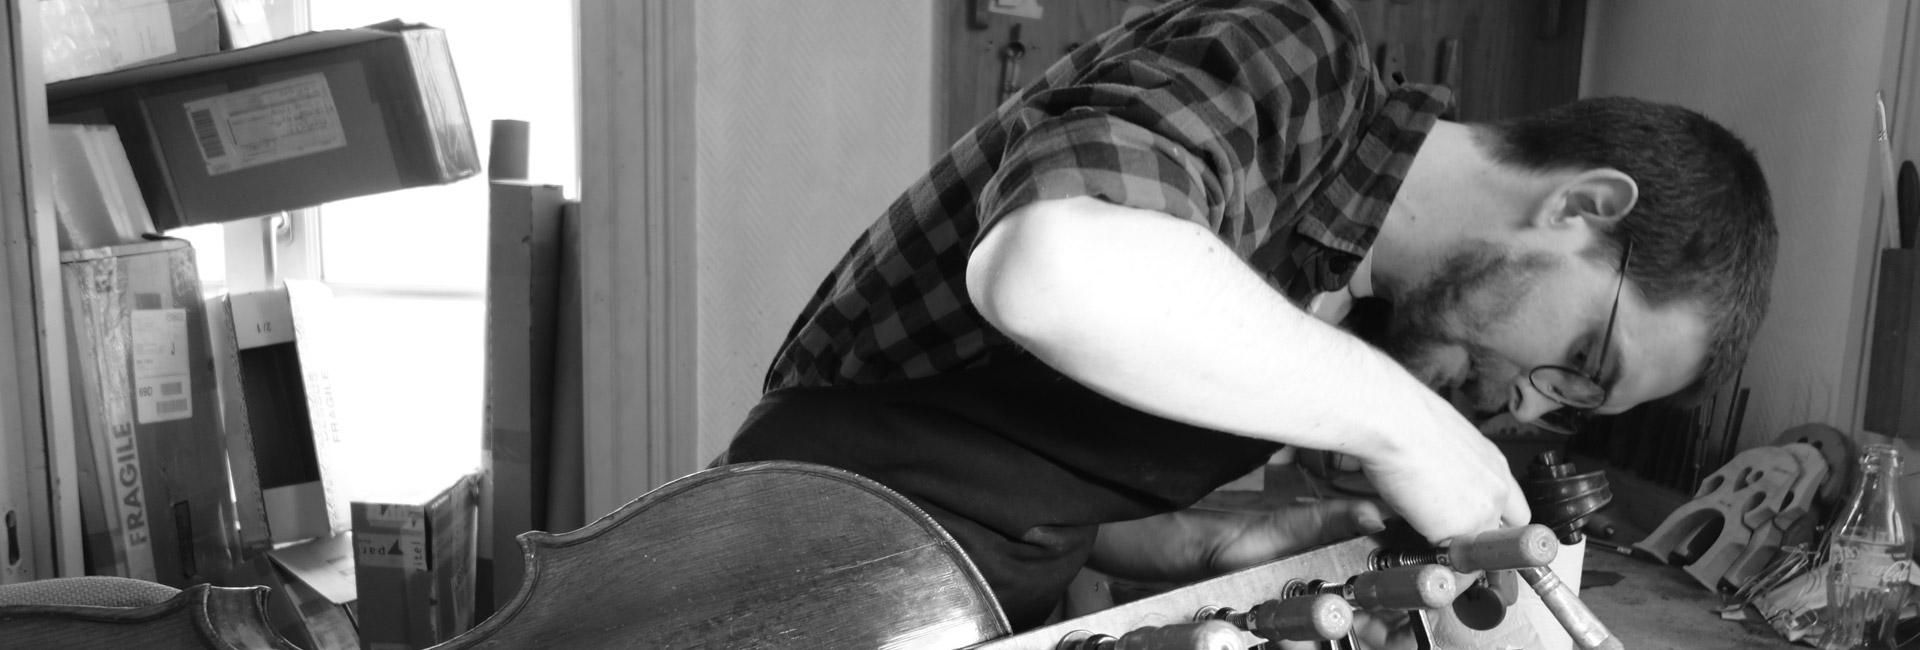 réparation de violon par un luthier de Lyon